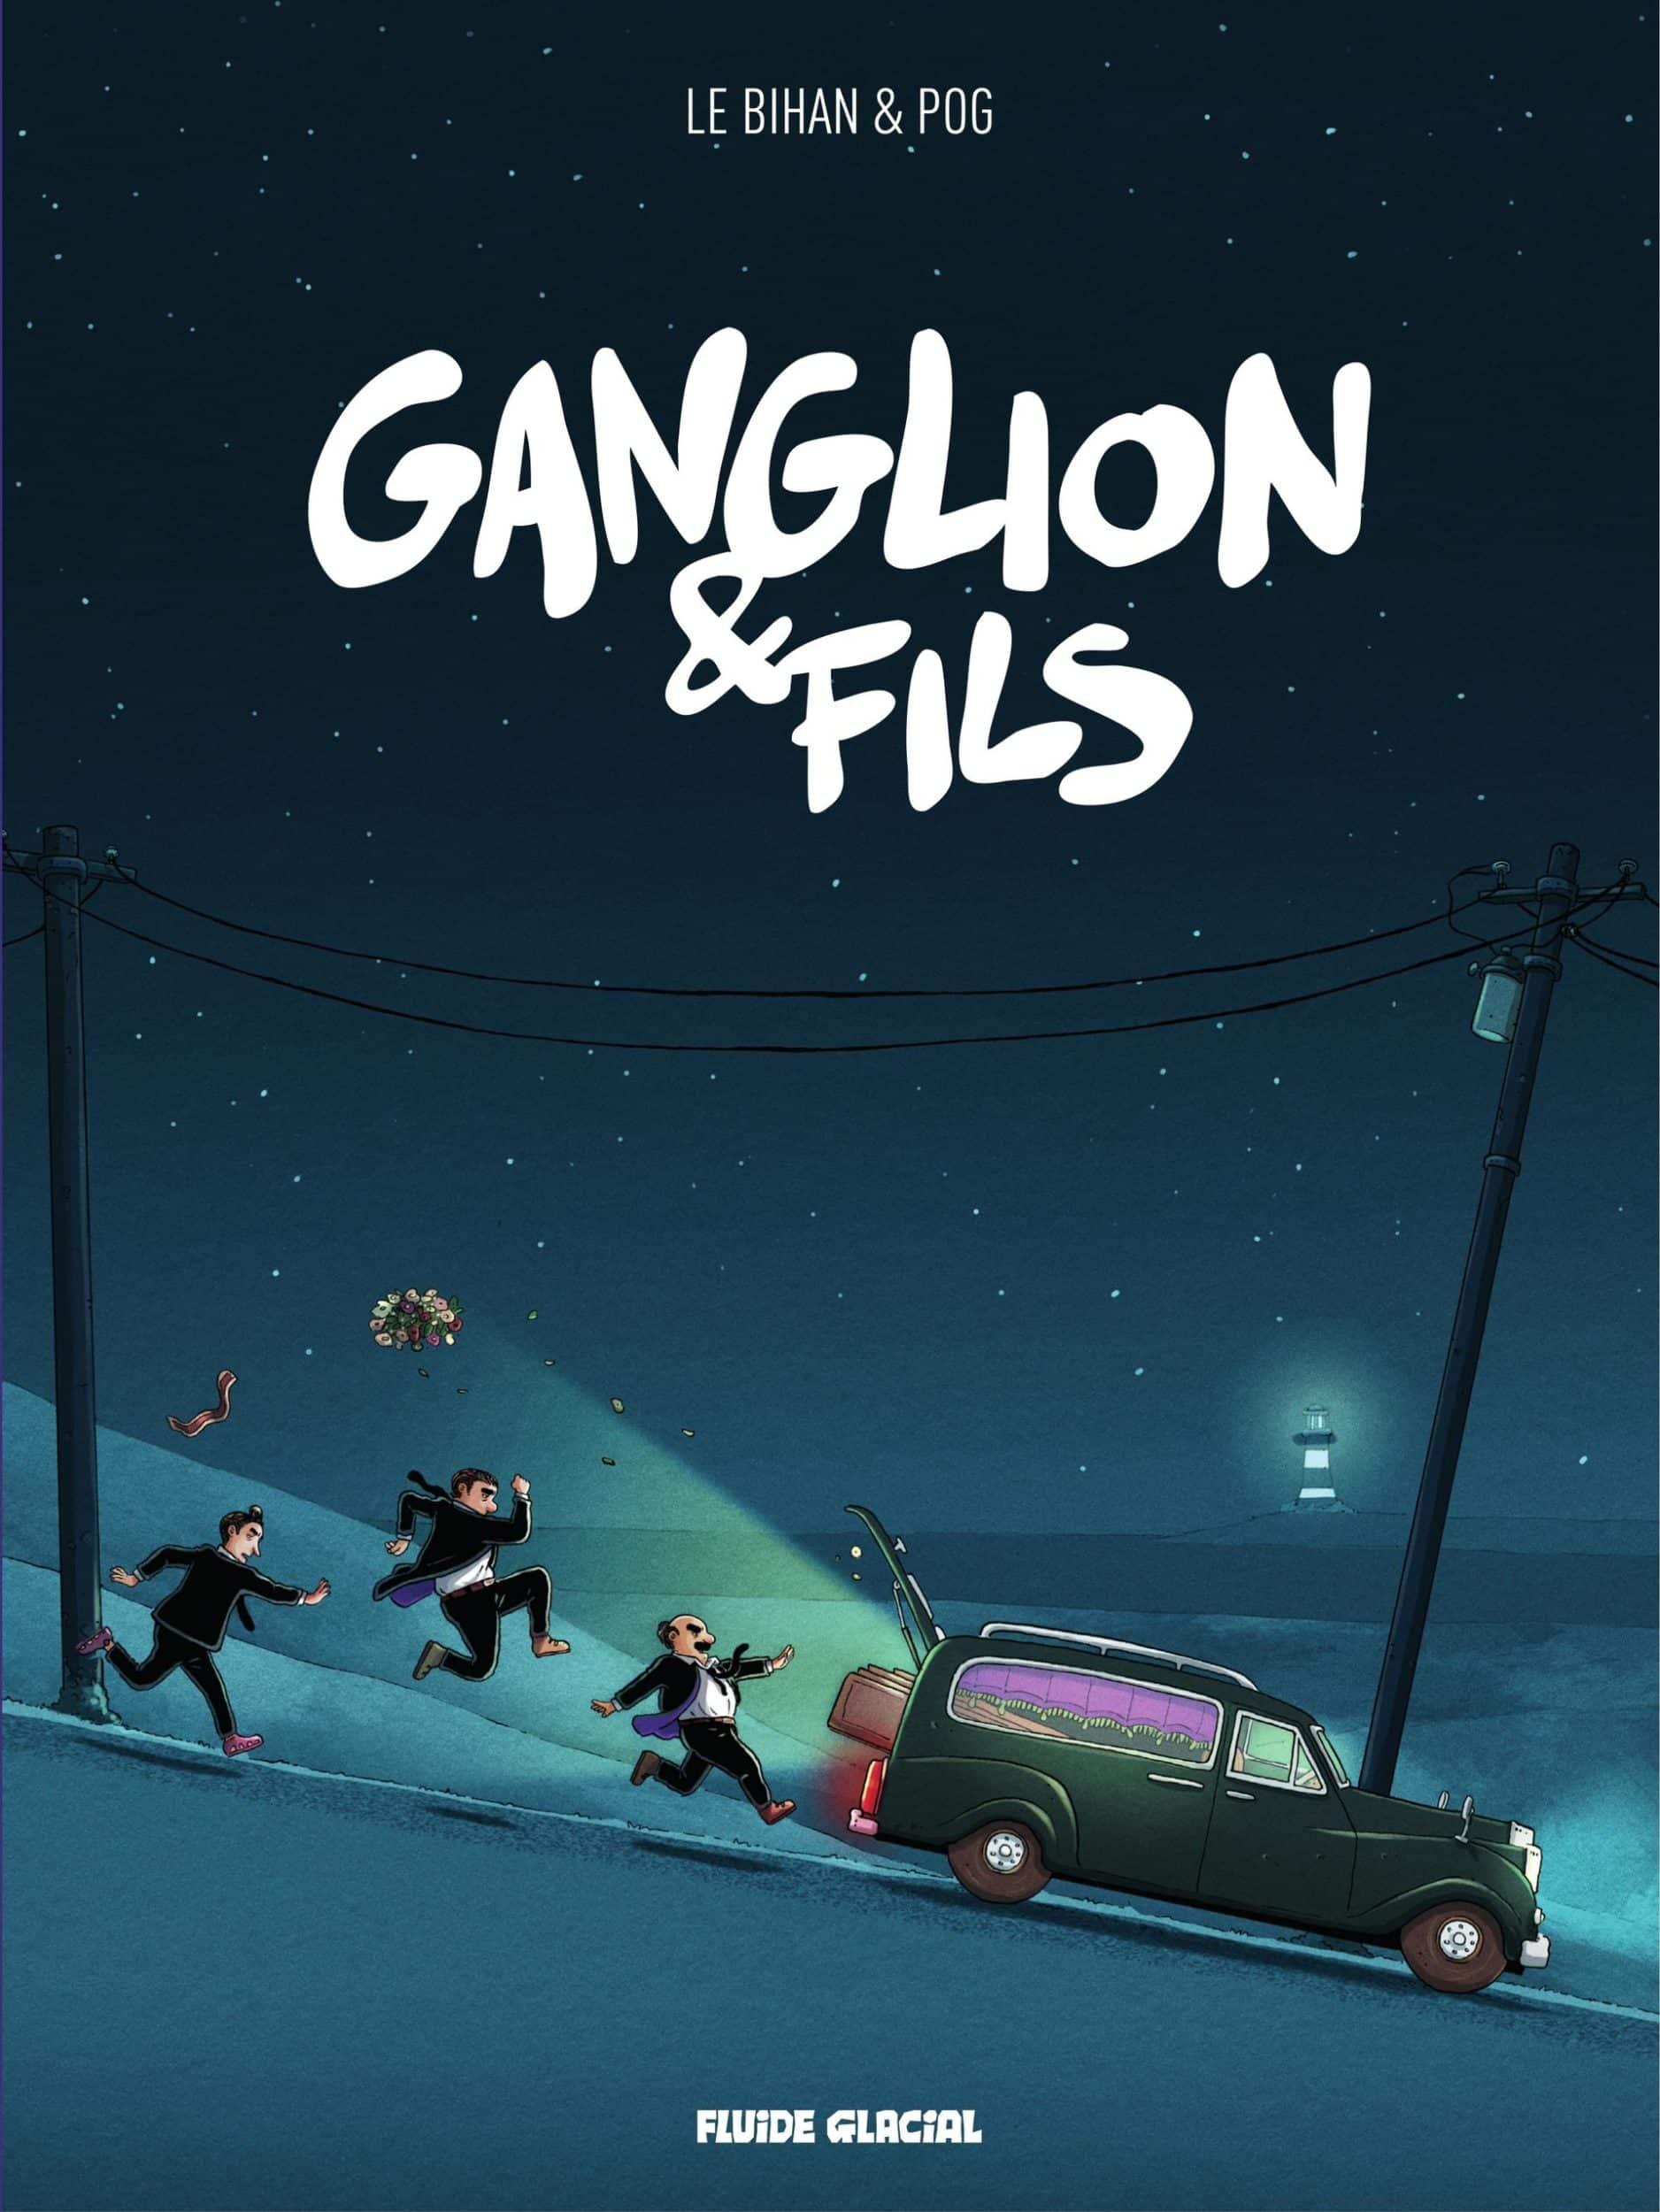 Ganglion & fils, un cadavre récalcitrant